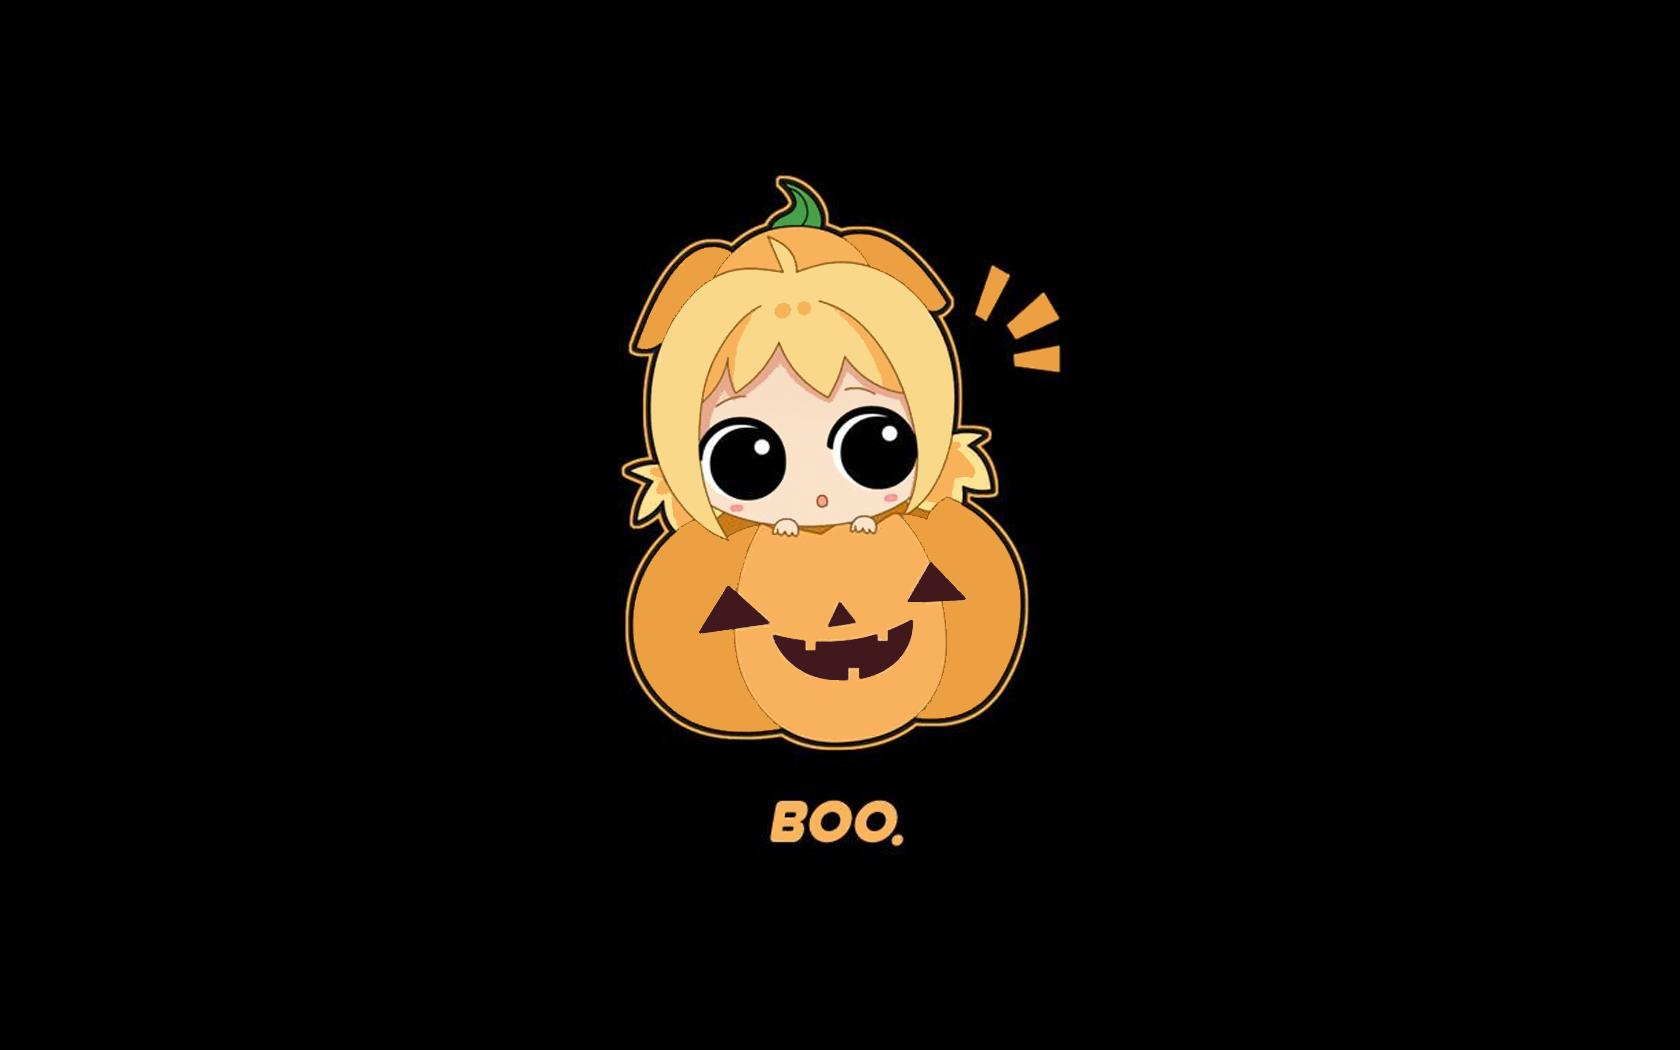 Cute Halloween wallpaper 1680x1050 59672 1680x1050